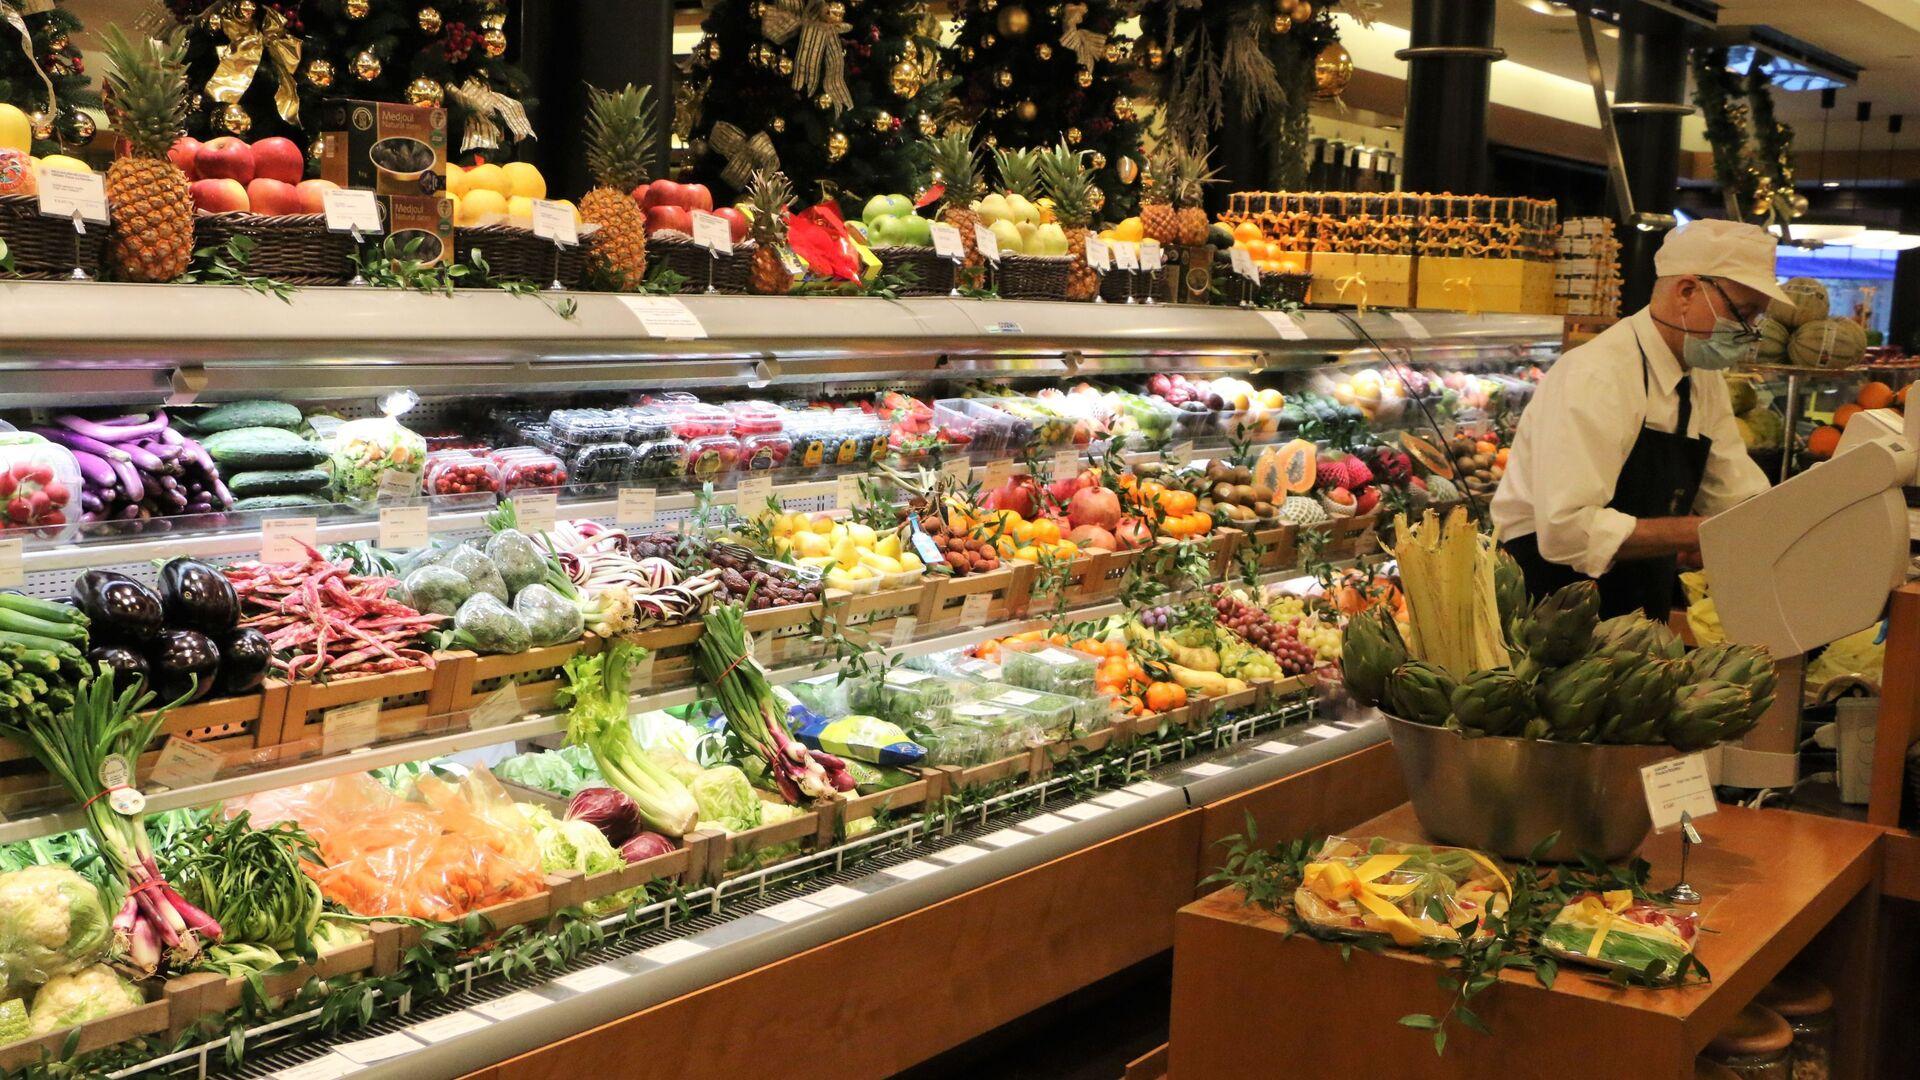 Banco di frutta e verdura in un supermercato - Sputnik Italia, 1920, 02.06.2021